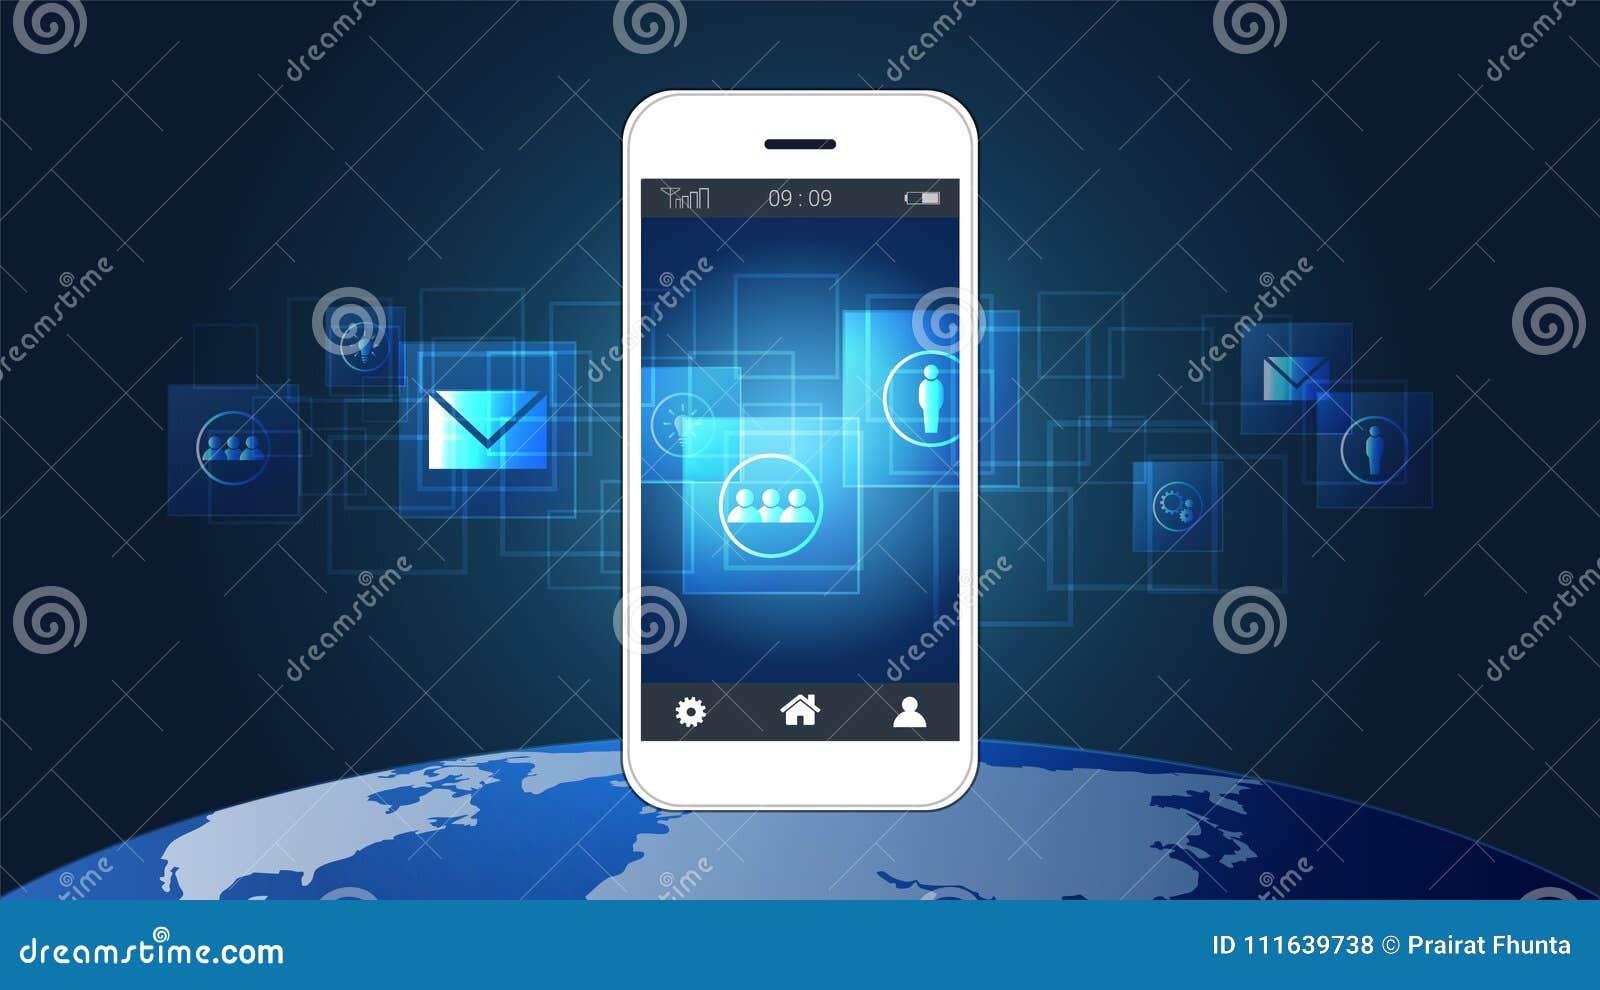 Circuito Y : Pantalla elegante del teléfono que muestra placas de circuito y el